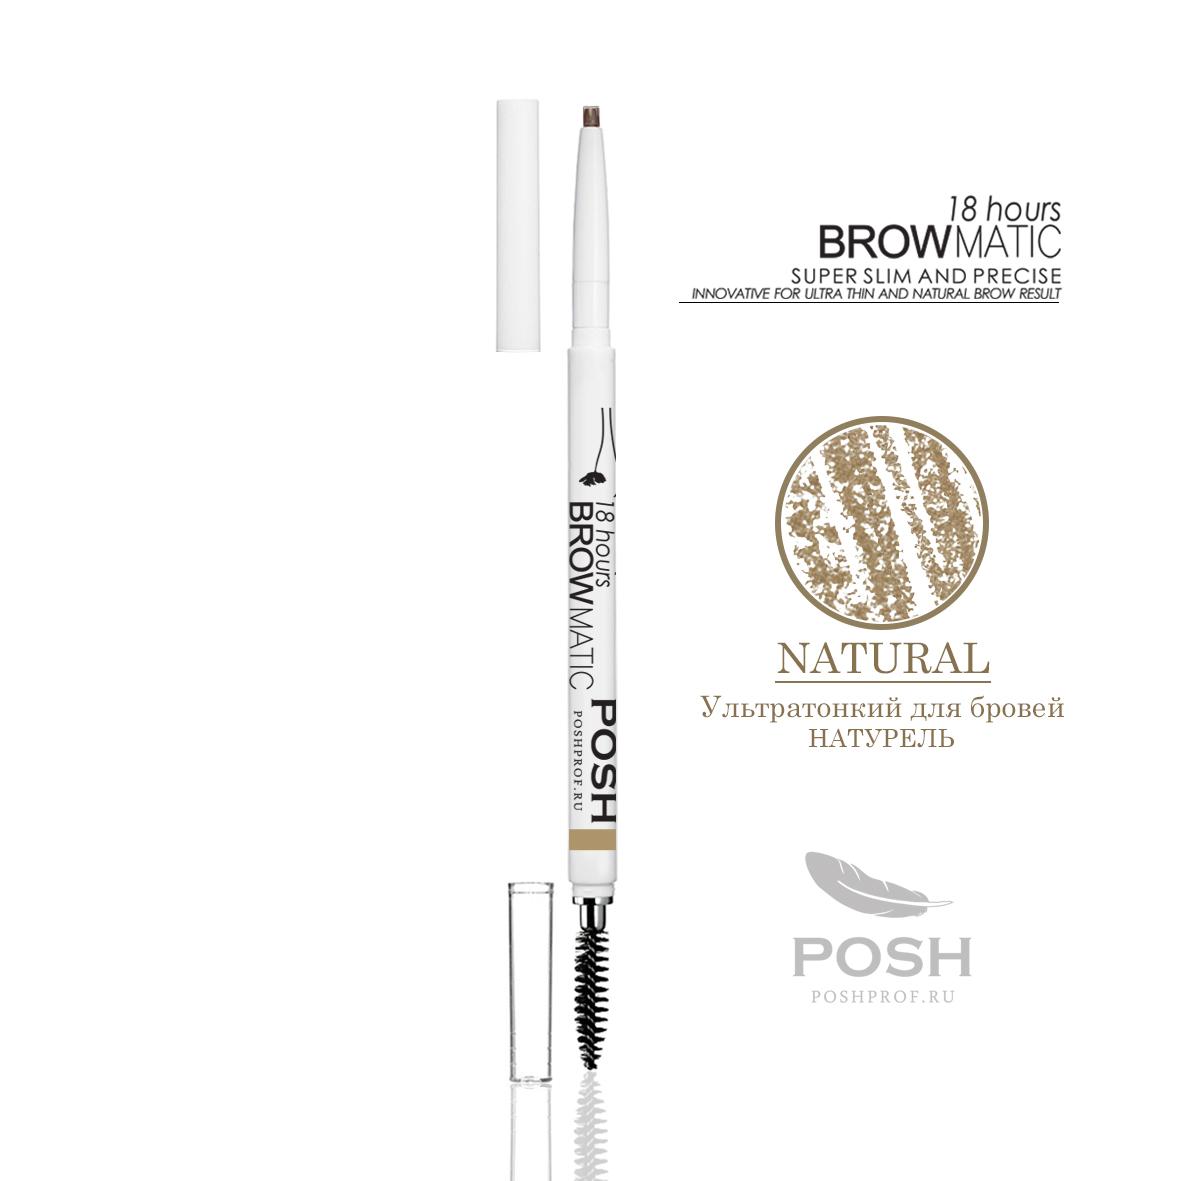 POSH Карандаш ультра-тонкий для бровей Натуральный для Блондинок / POSH BROWMATIC NATURAL